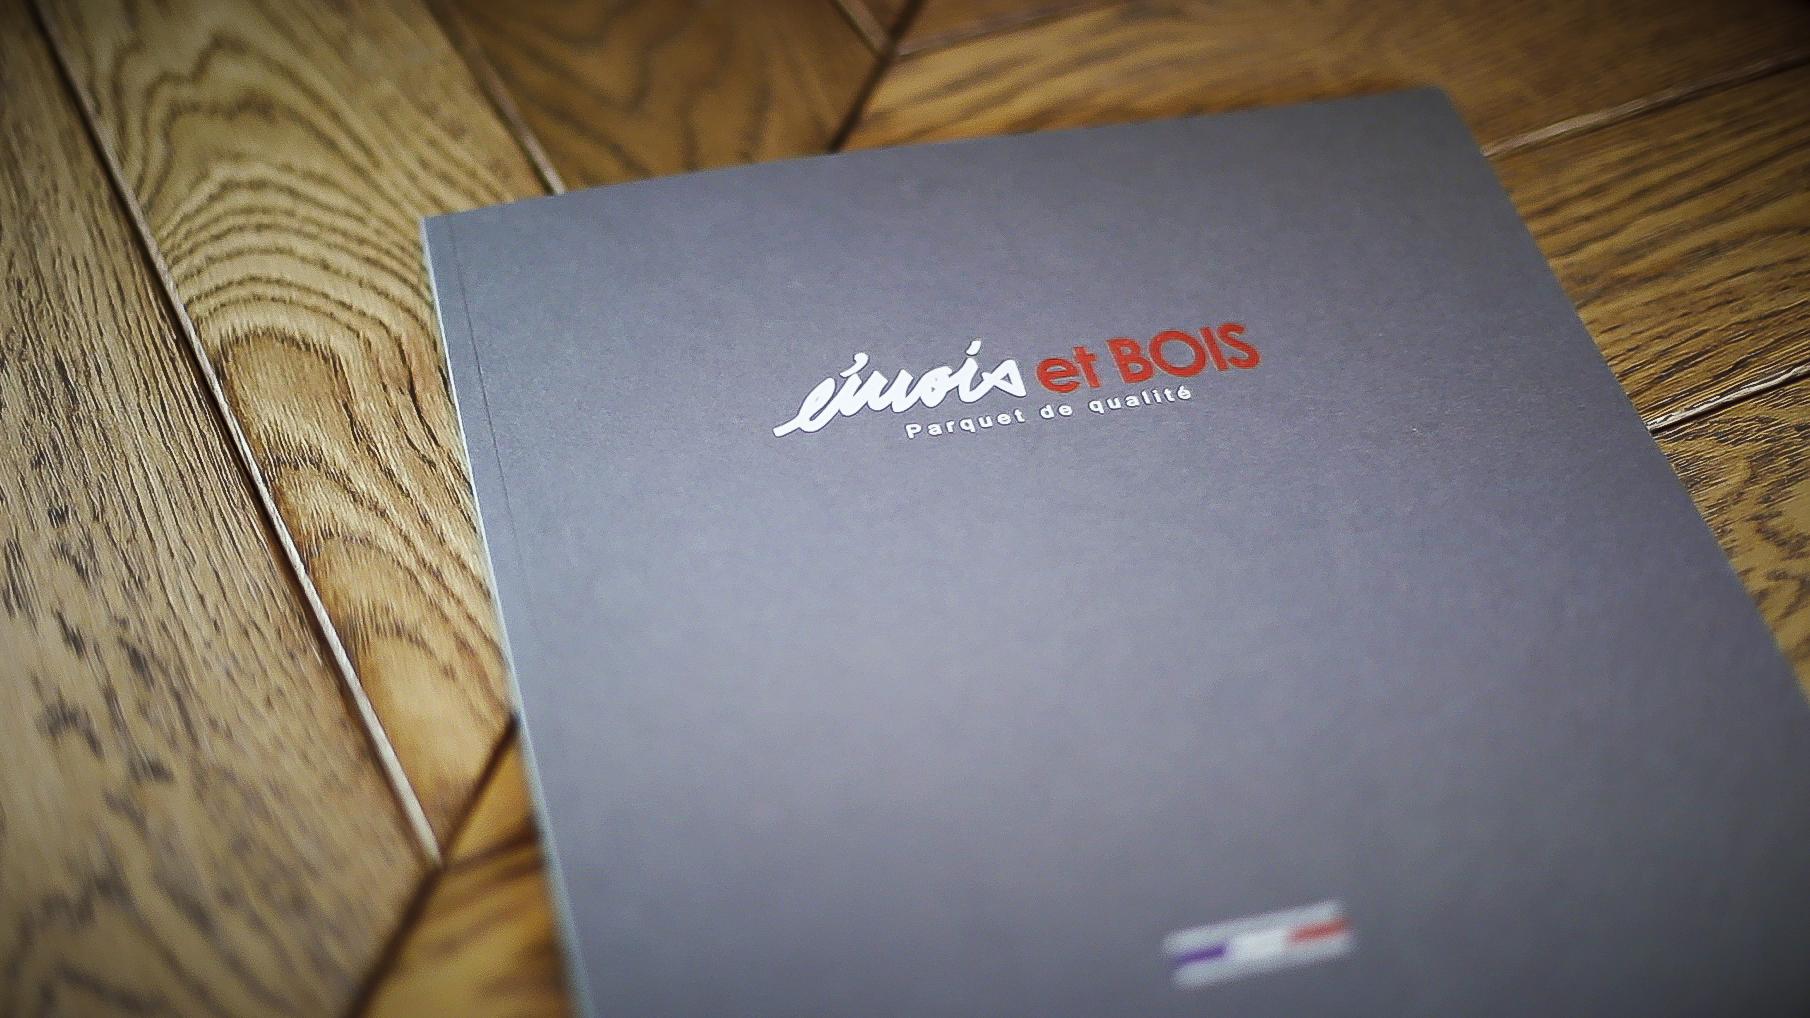 Une-Catalogue-Emois-et-Bois-Parquet1